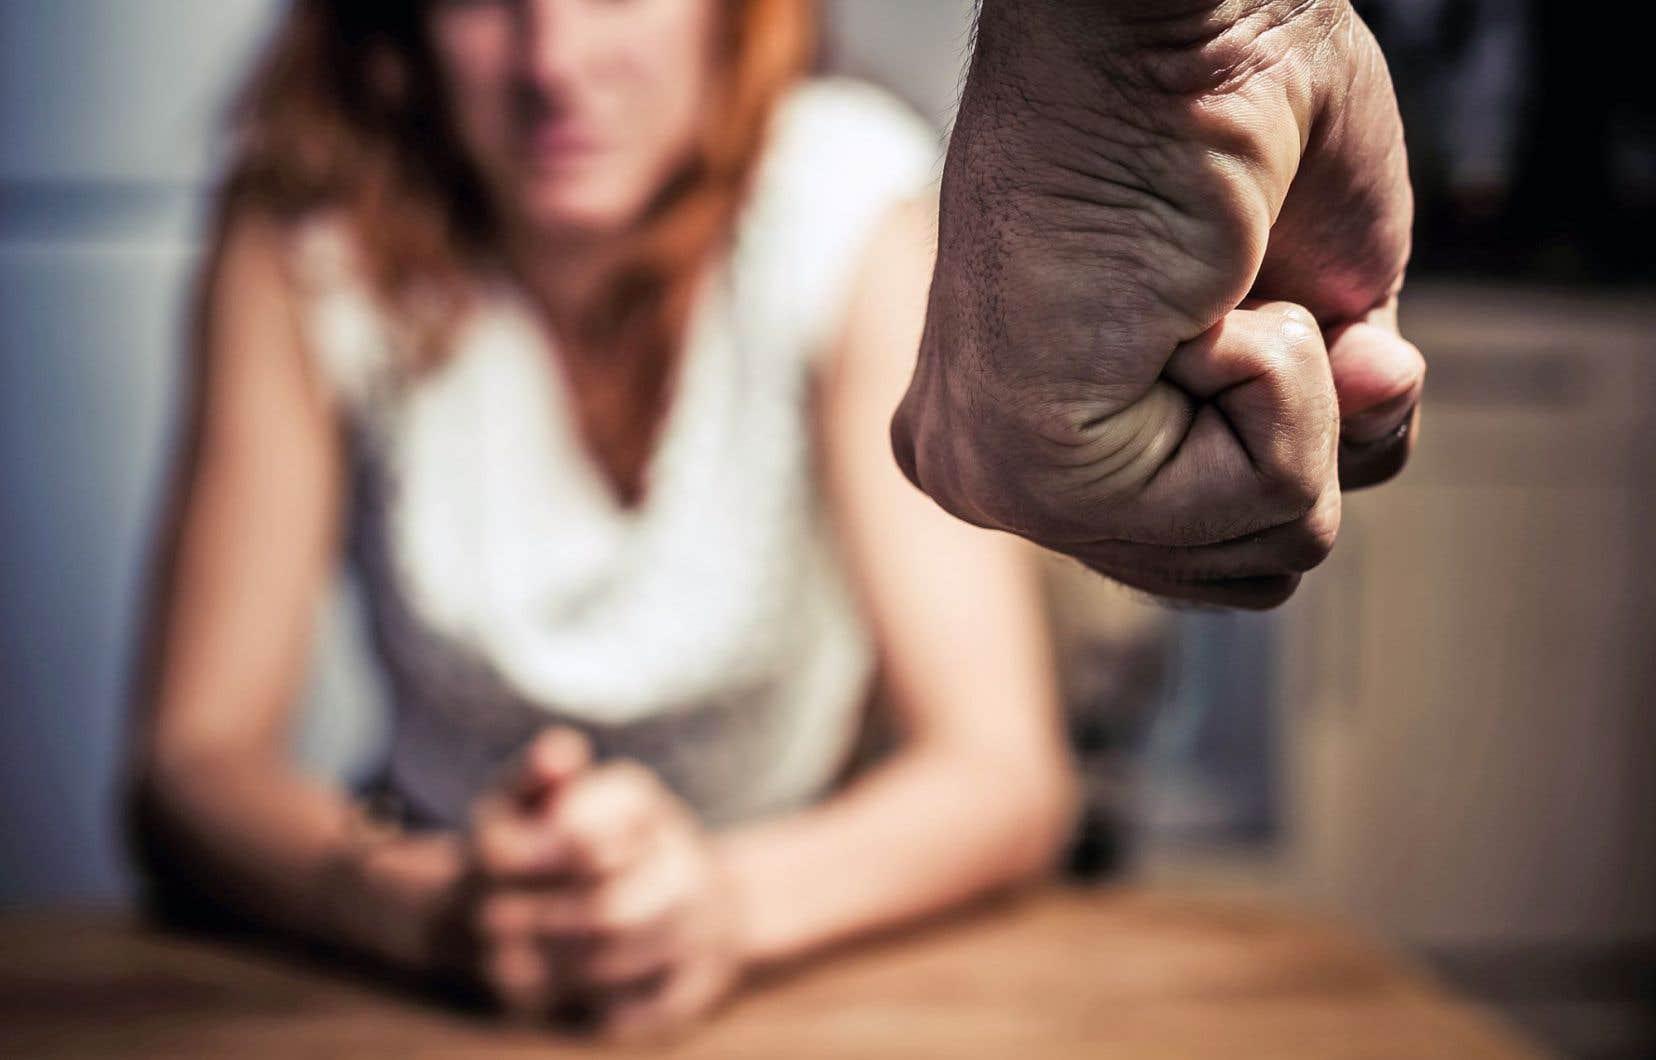 «On veut que les femmes qui sont victimes de violence puissent prendre des congés payés sans s'inquiéter de leur emploi», confie une des vice-présidentes du Comité de la condition féminine de la Fédération des travailleurs et travailleuses du Québec (FTQ), Joëlle Ravary.